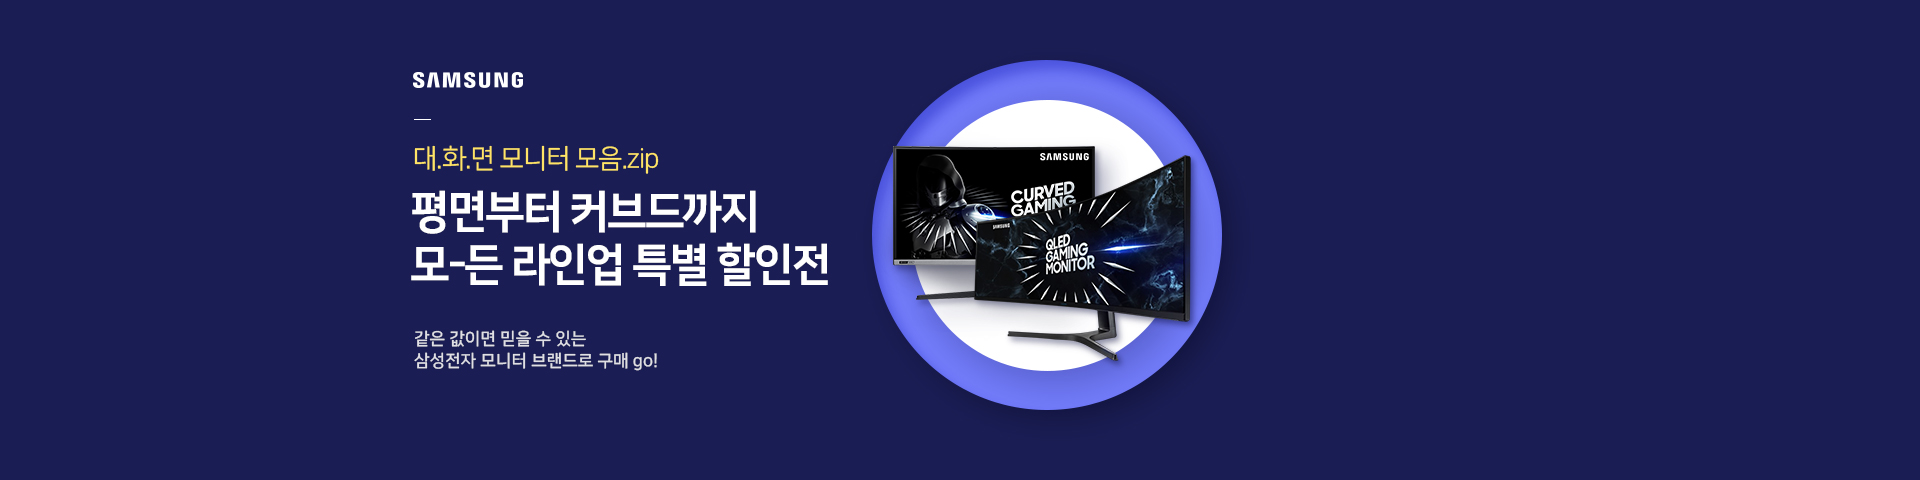 삼성 모니터 모음전